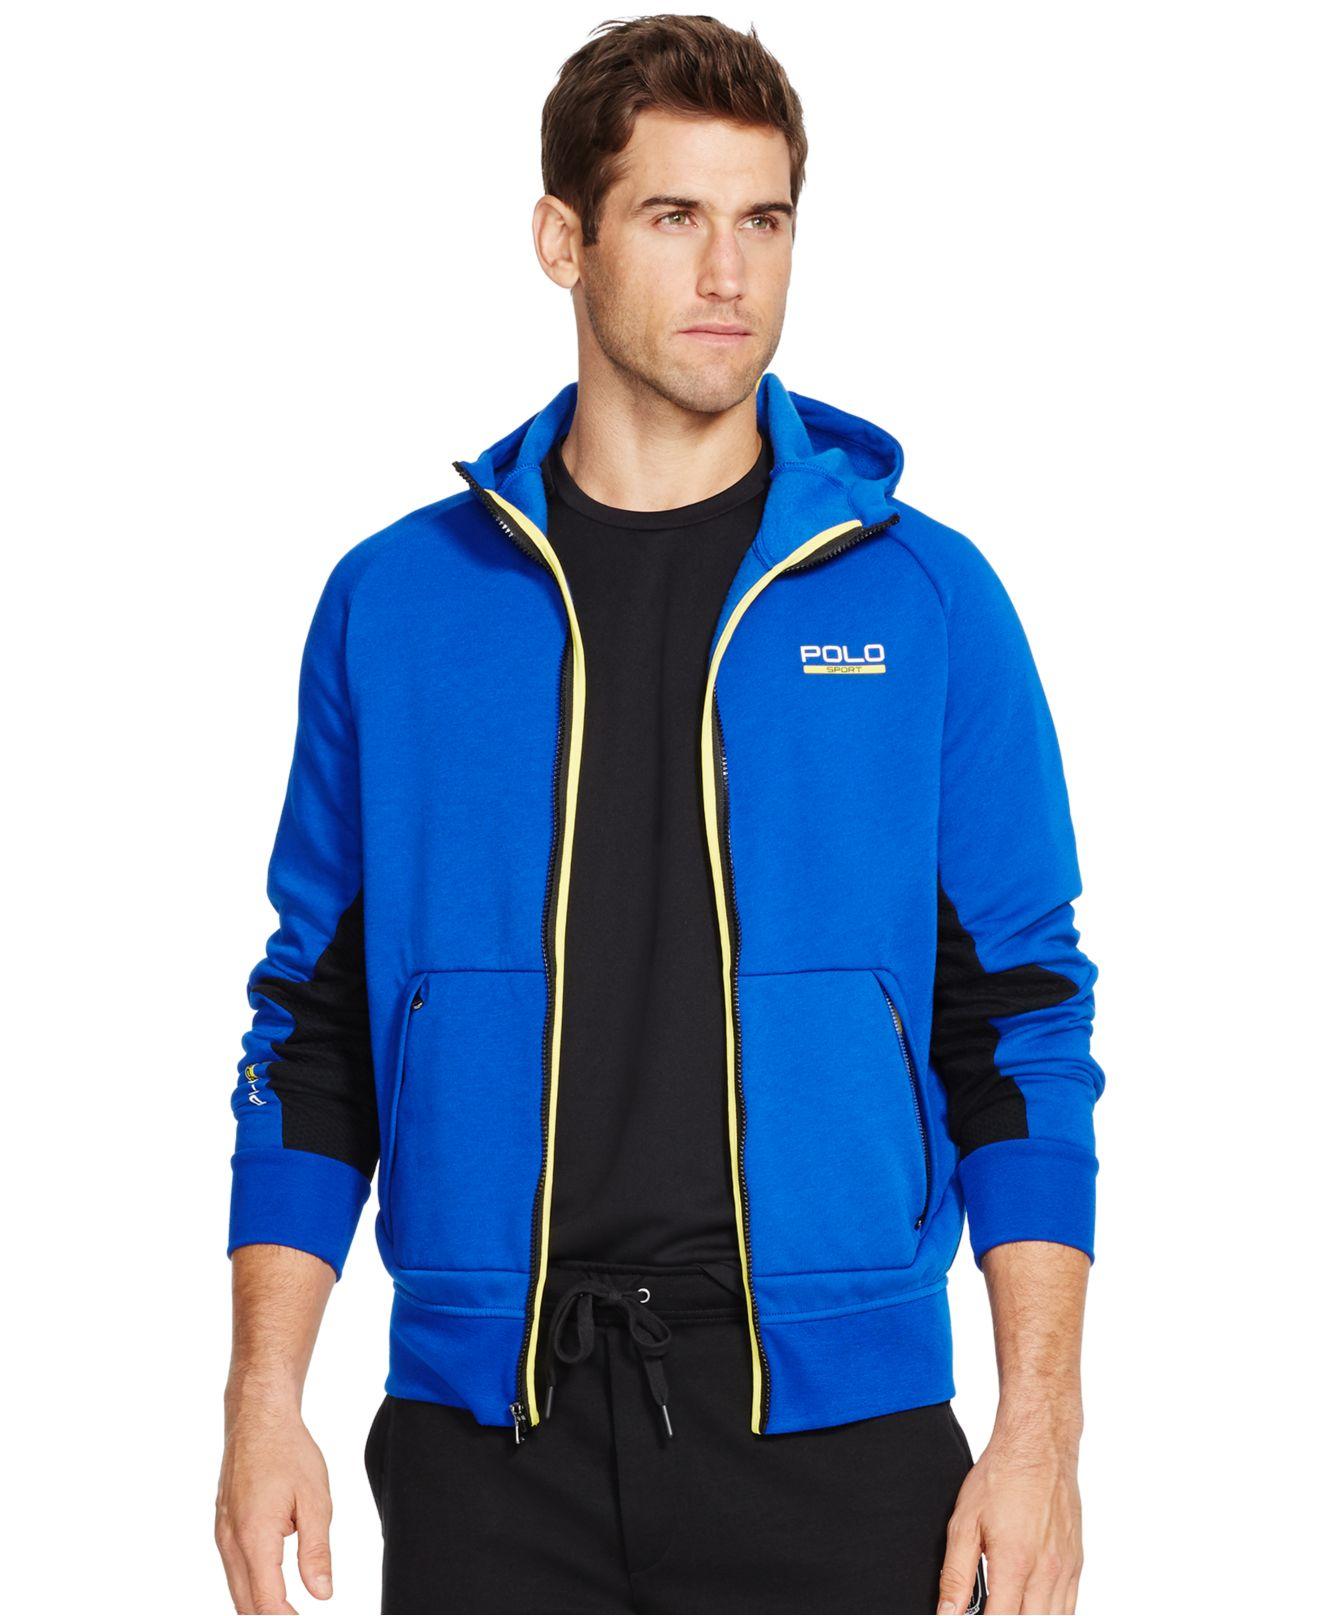 Polo ralph lauren Polo Sport Men's Fleece Zip Up Hoodie in Blue ...